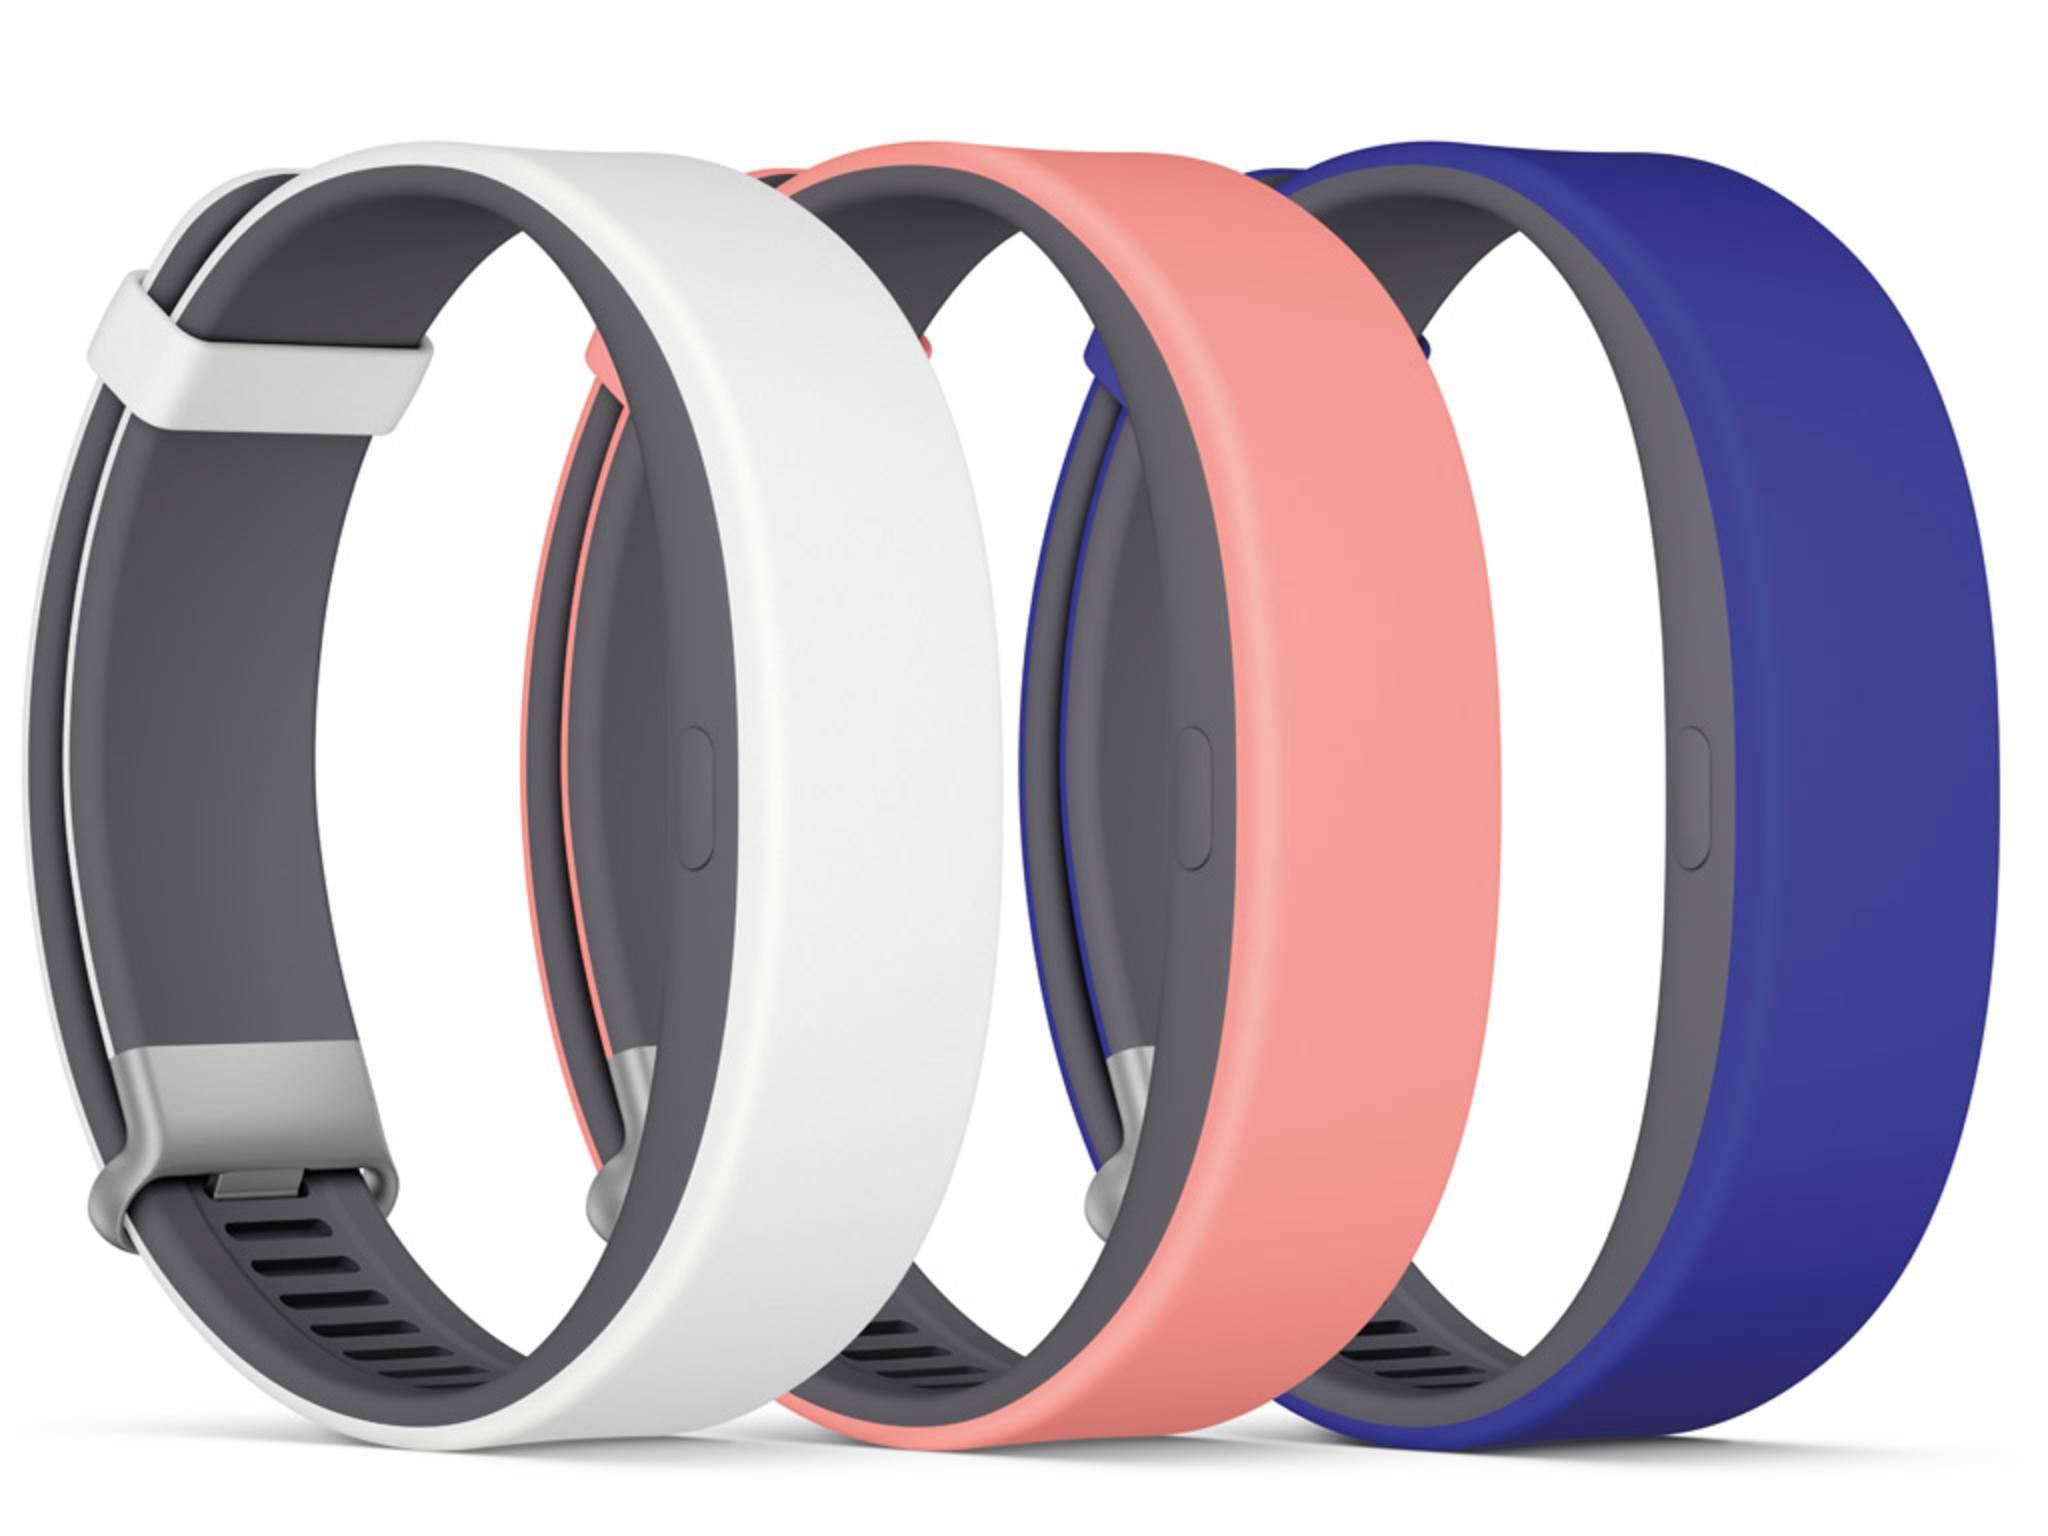 Das SmartBand 2 wird in verschiedenen Farben erhältlich sein.